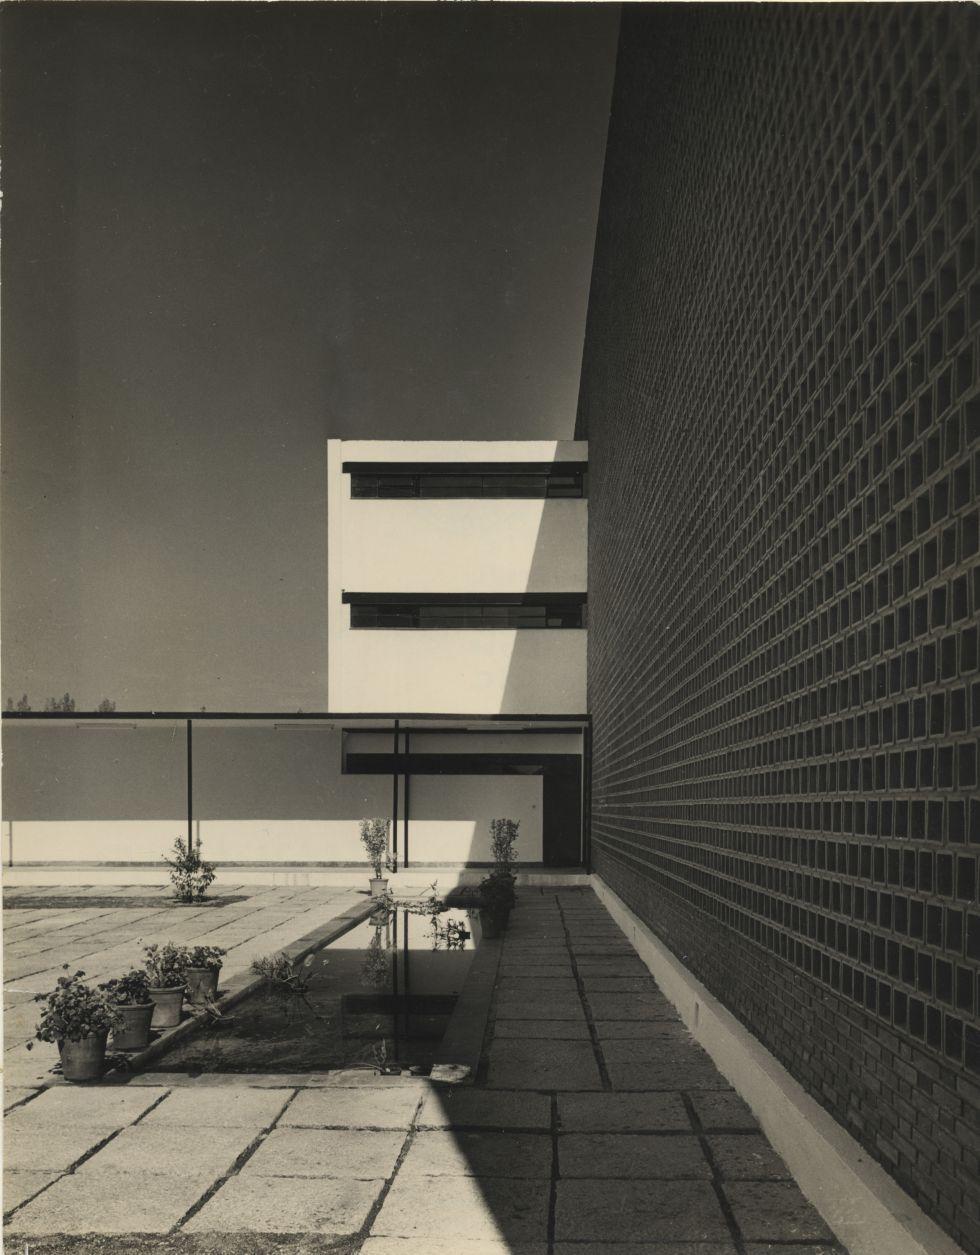 La espa a futura del siglo pasado arte que inspira for Restaurante escuela de arquitectos madrid